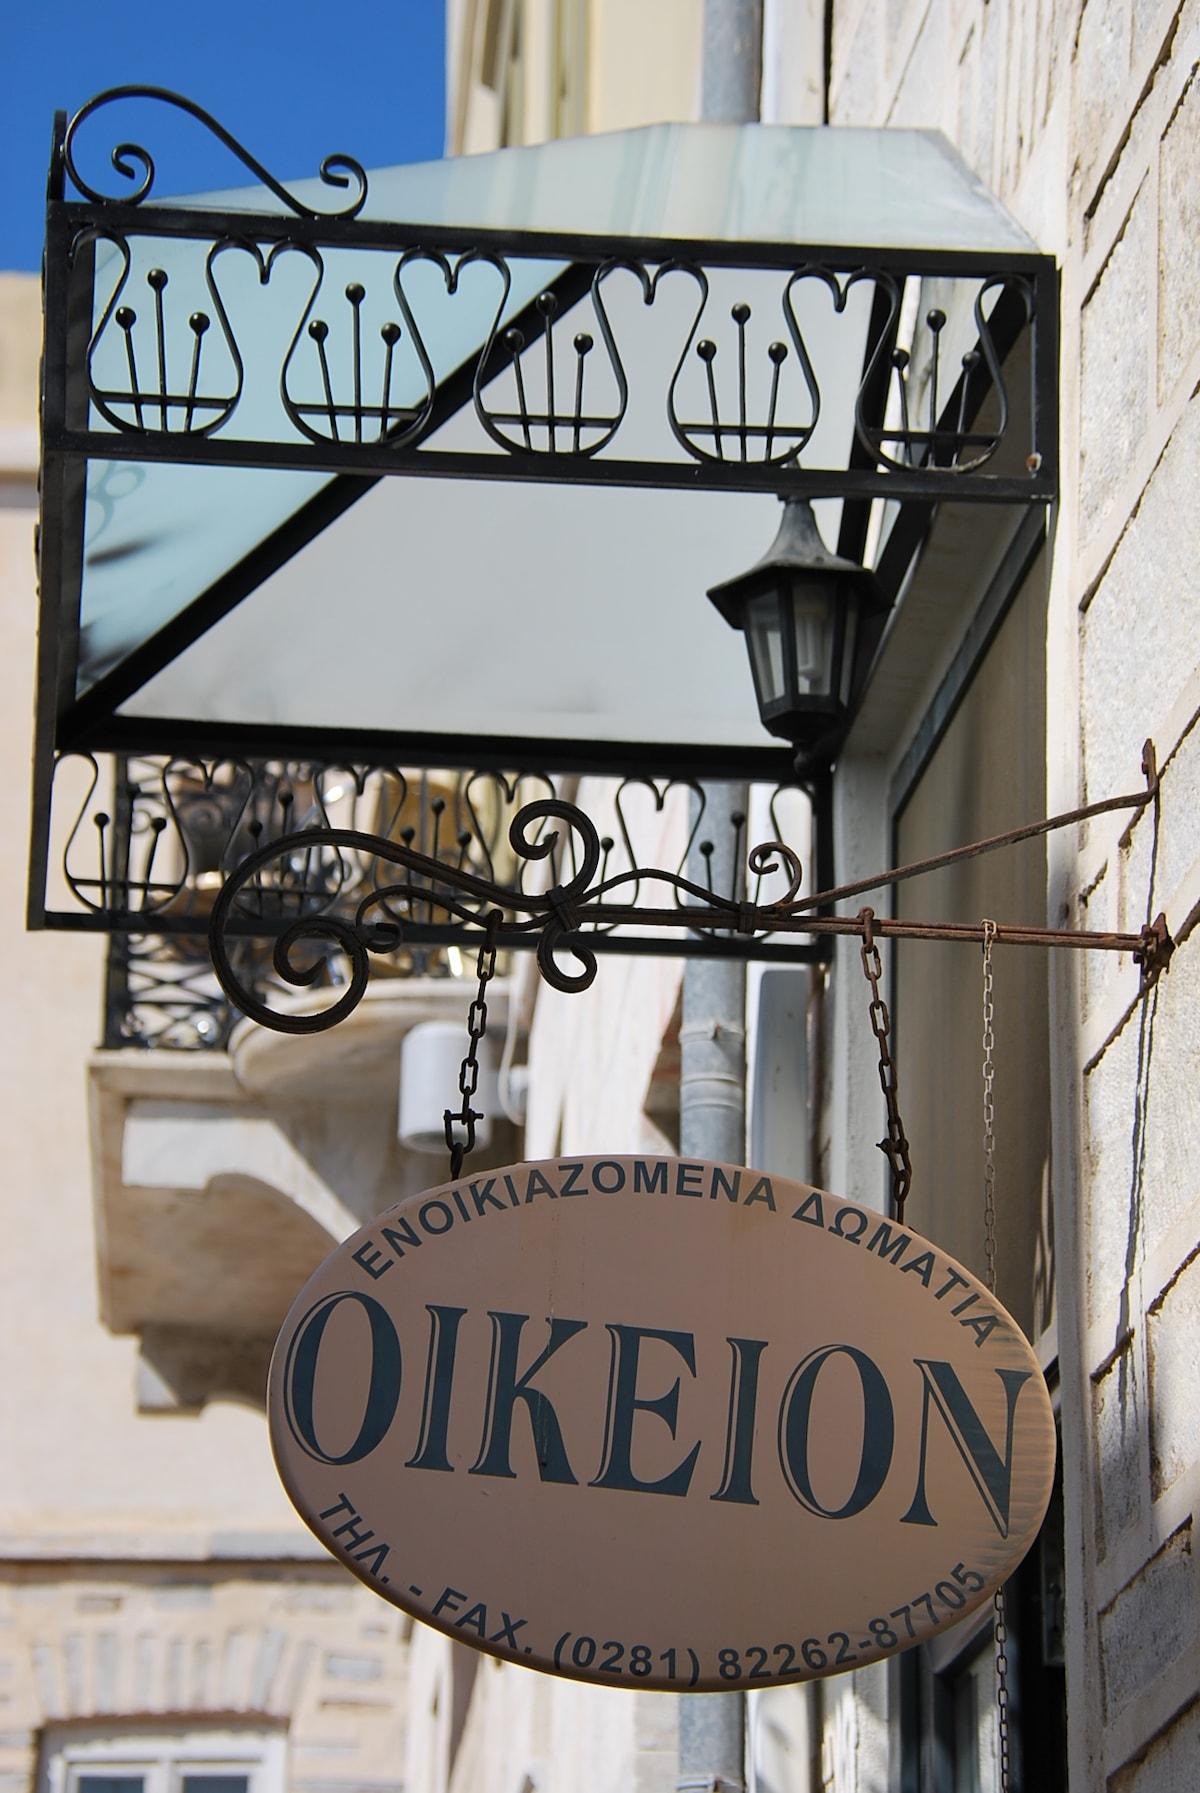 Οικειον from Ermoupoli